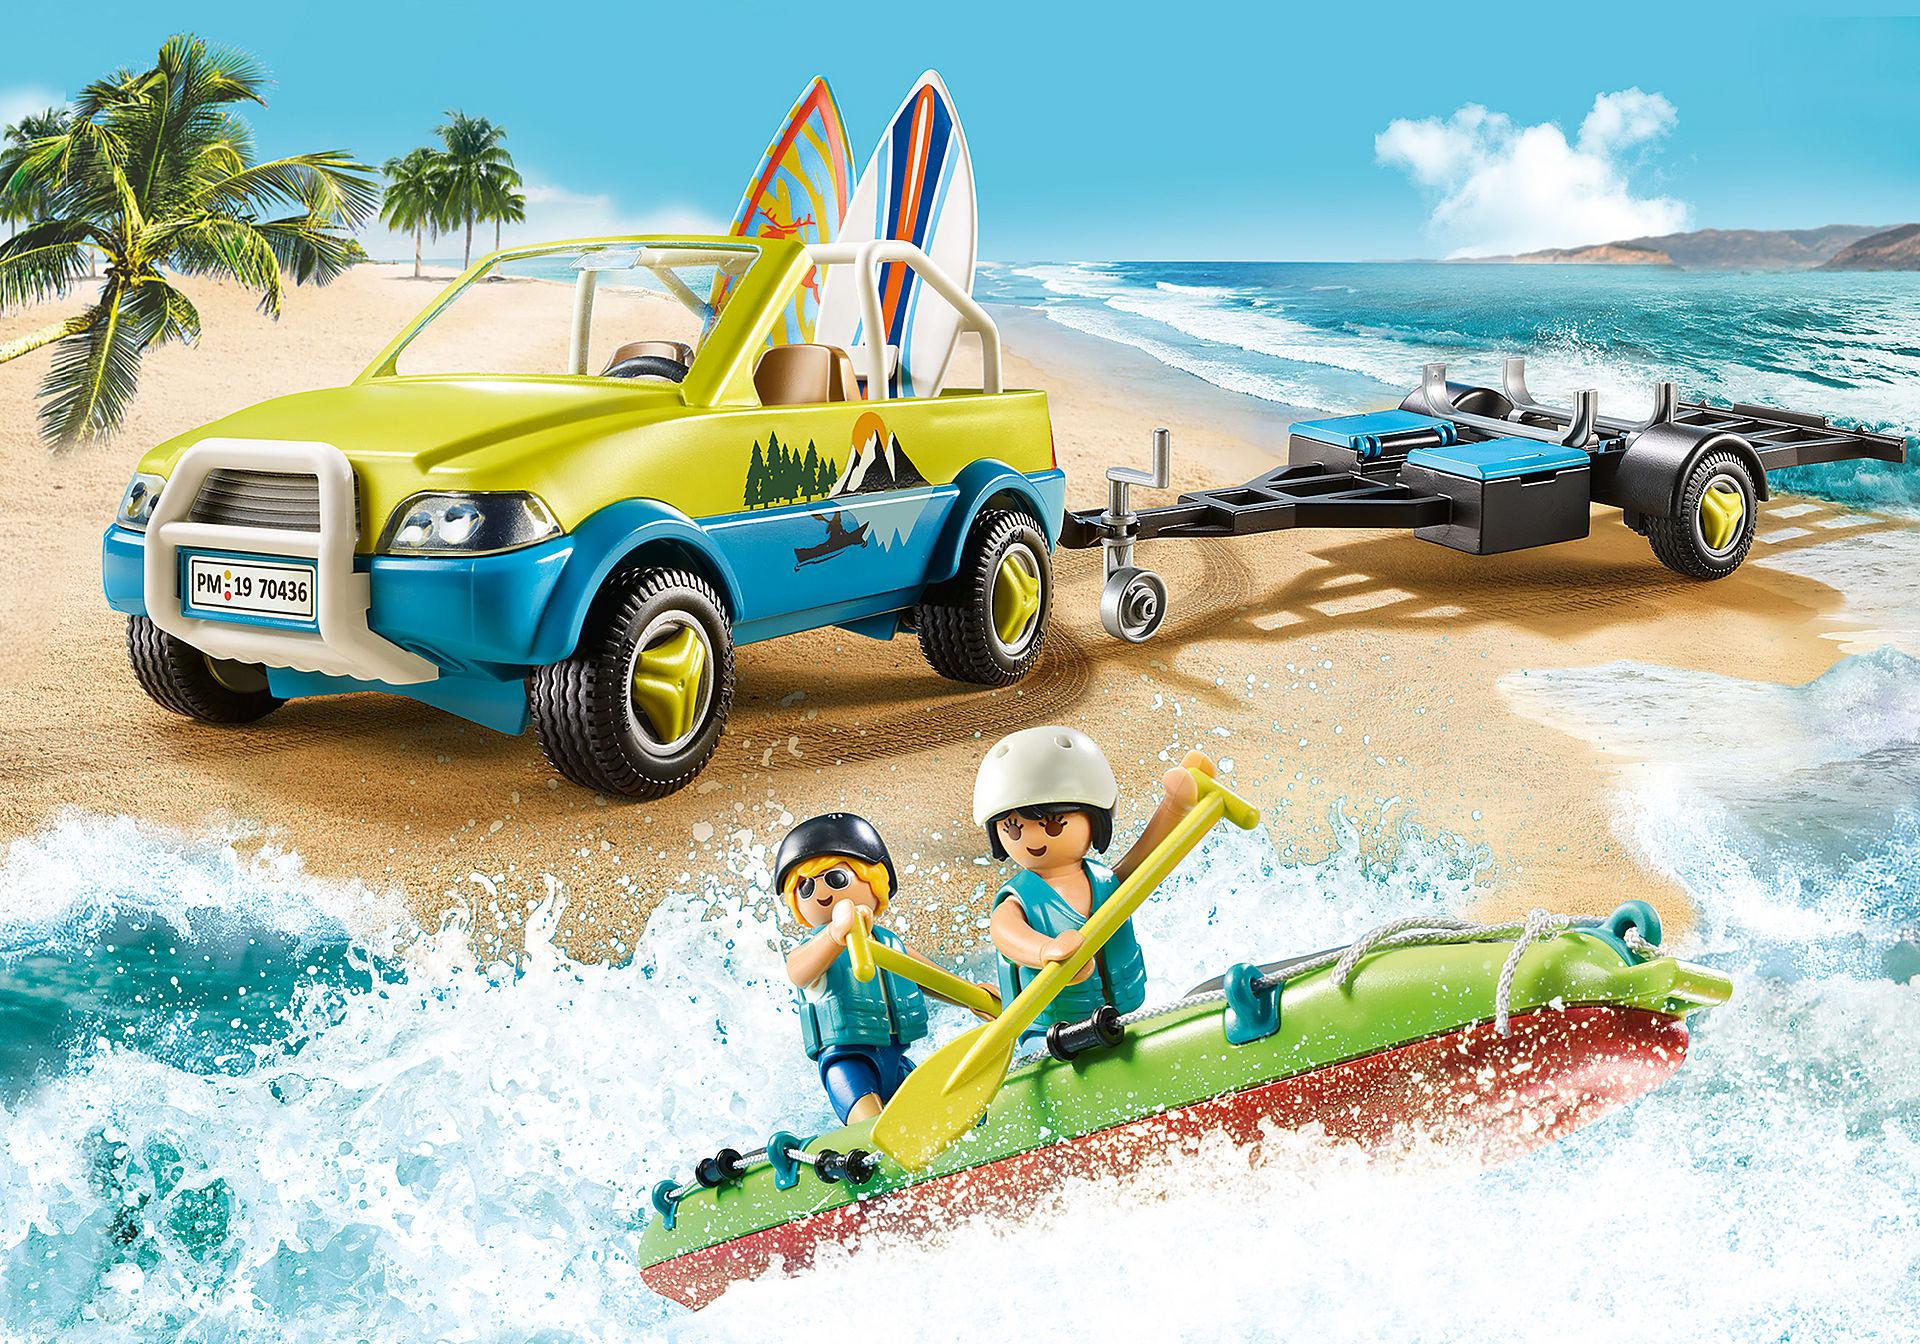 70436 Auto da spiaggia con rimorchio per canoa zoom image1